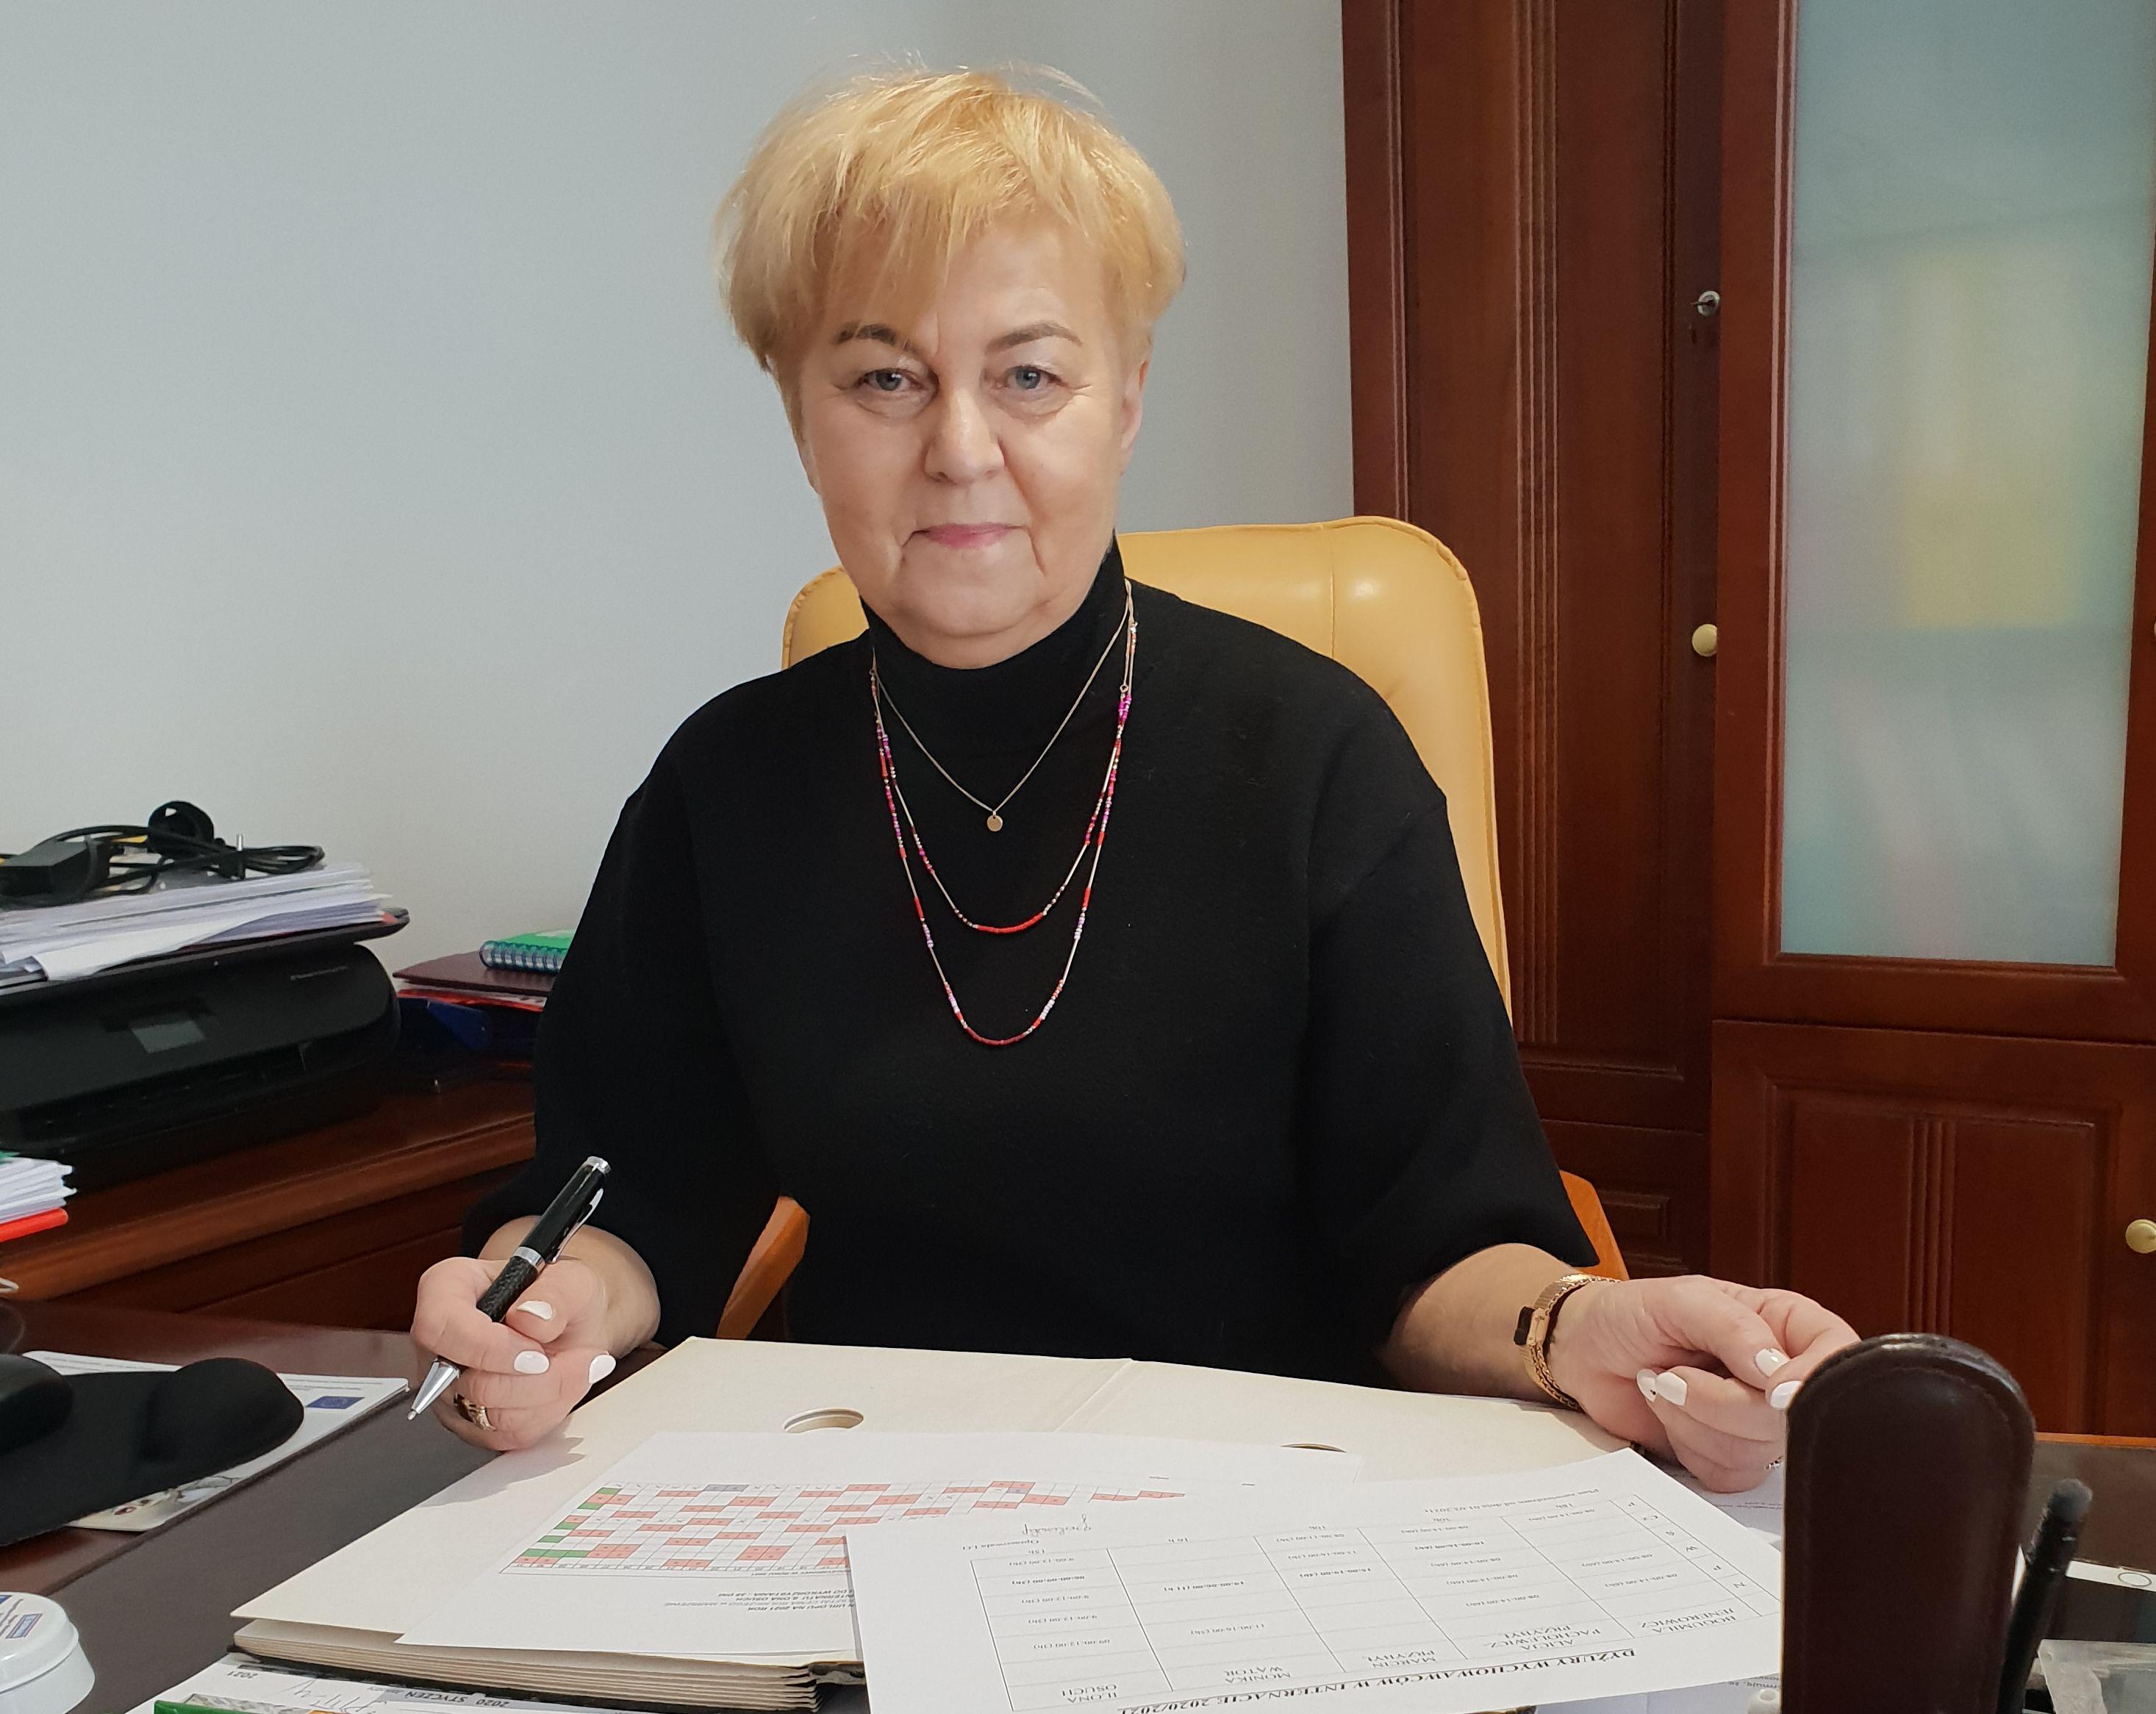 Rozmowa z Grażyną Borkowską - dyrektor Zespołu Szkół Centrum Kształcenia Rolniczego w Marszewie - Zdjęcie główne